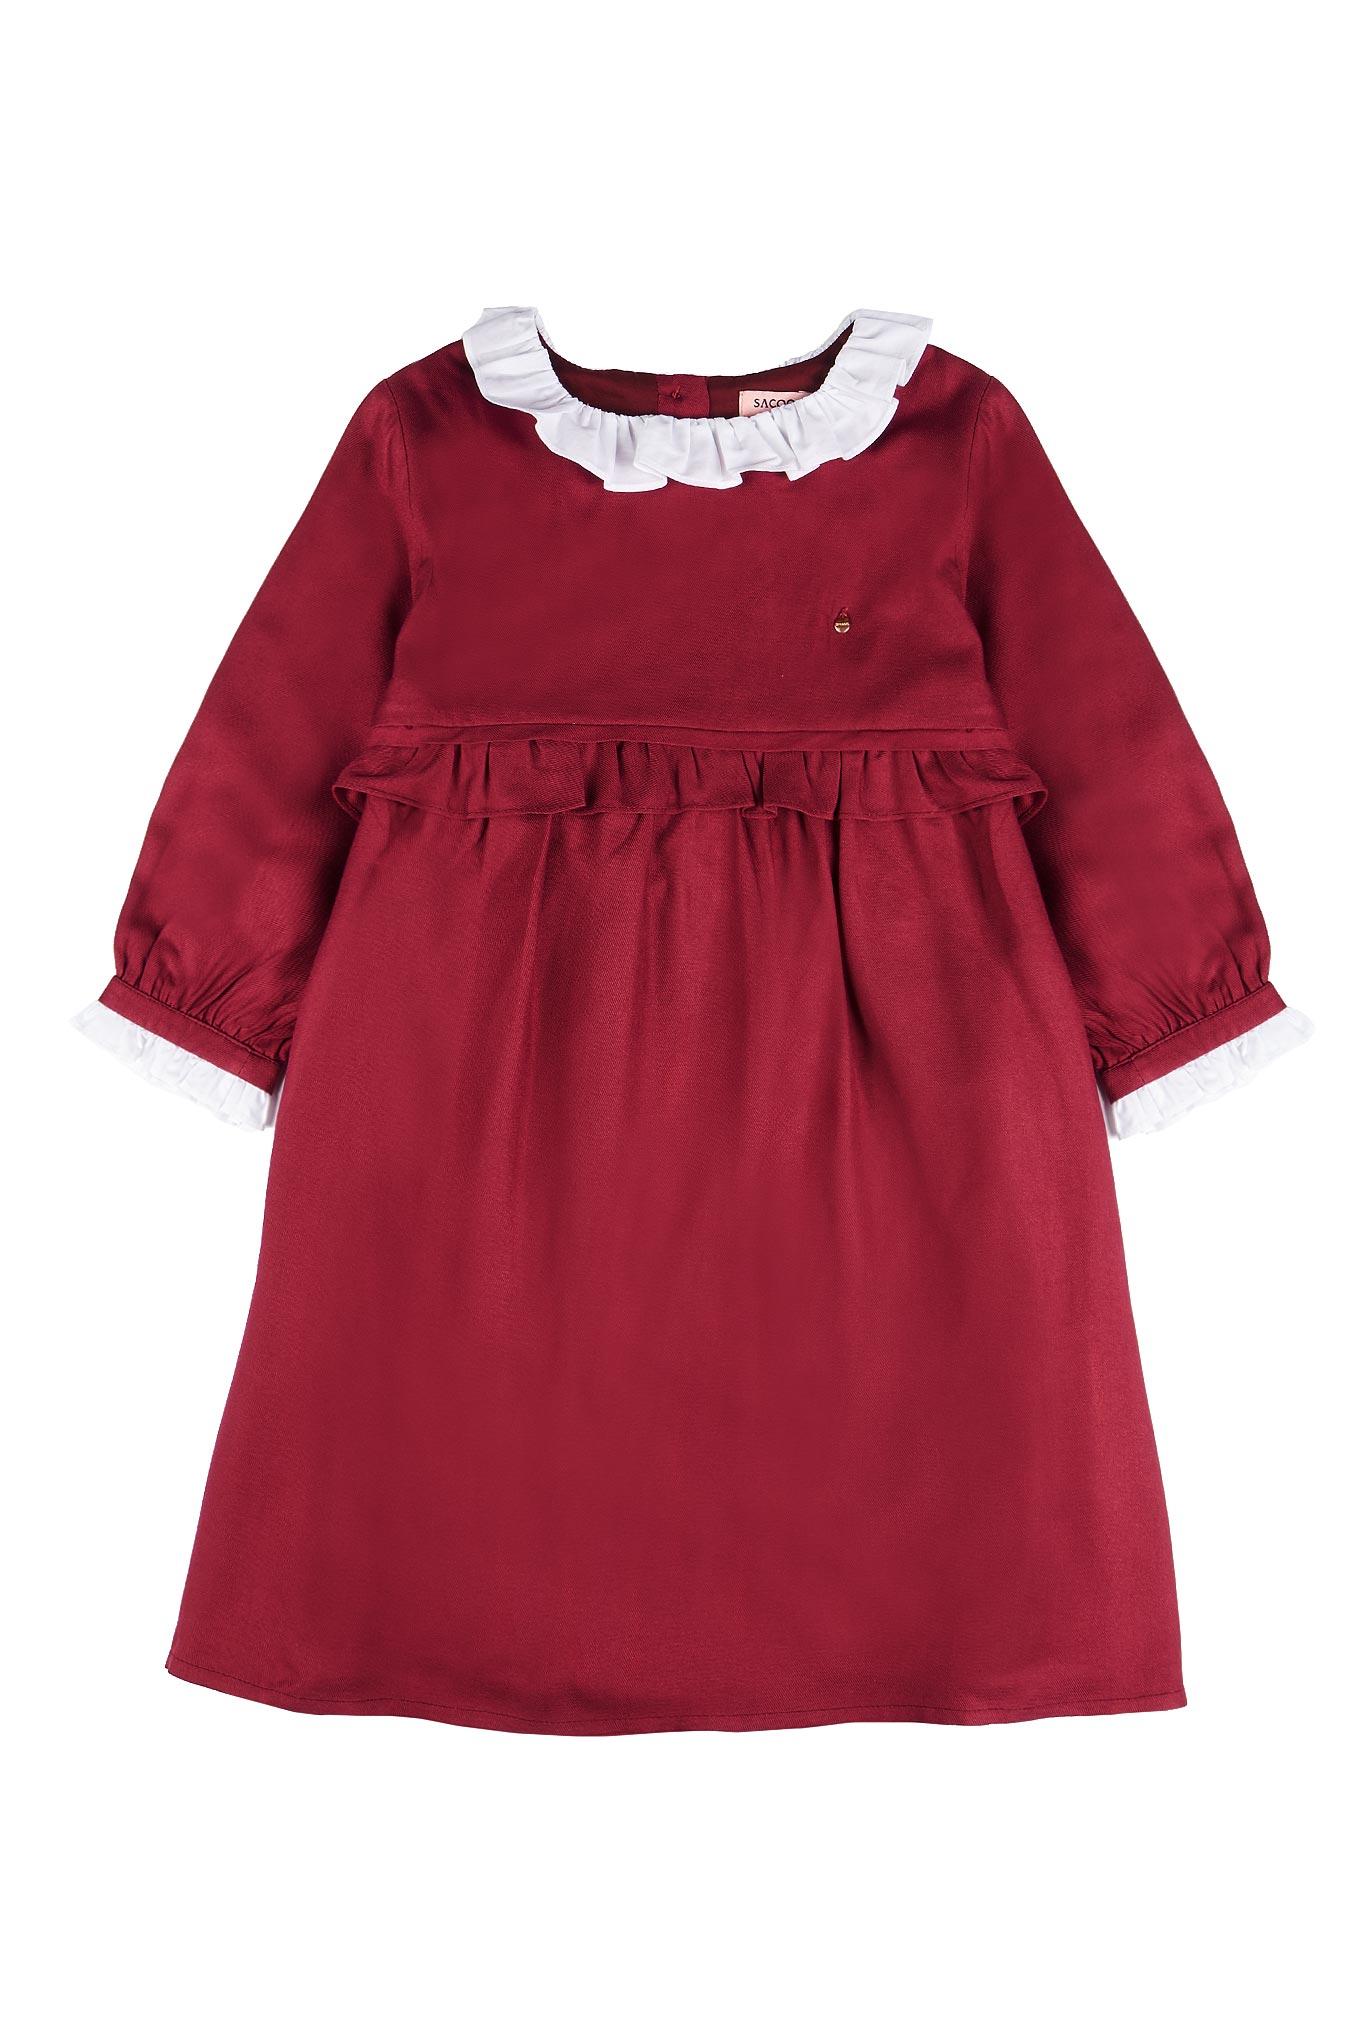 Dress Bordeaux Fantasy Girl